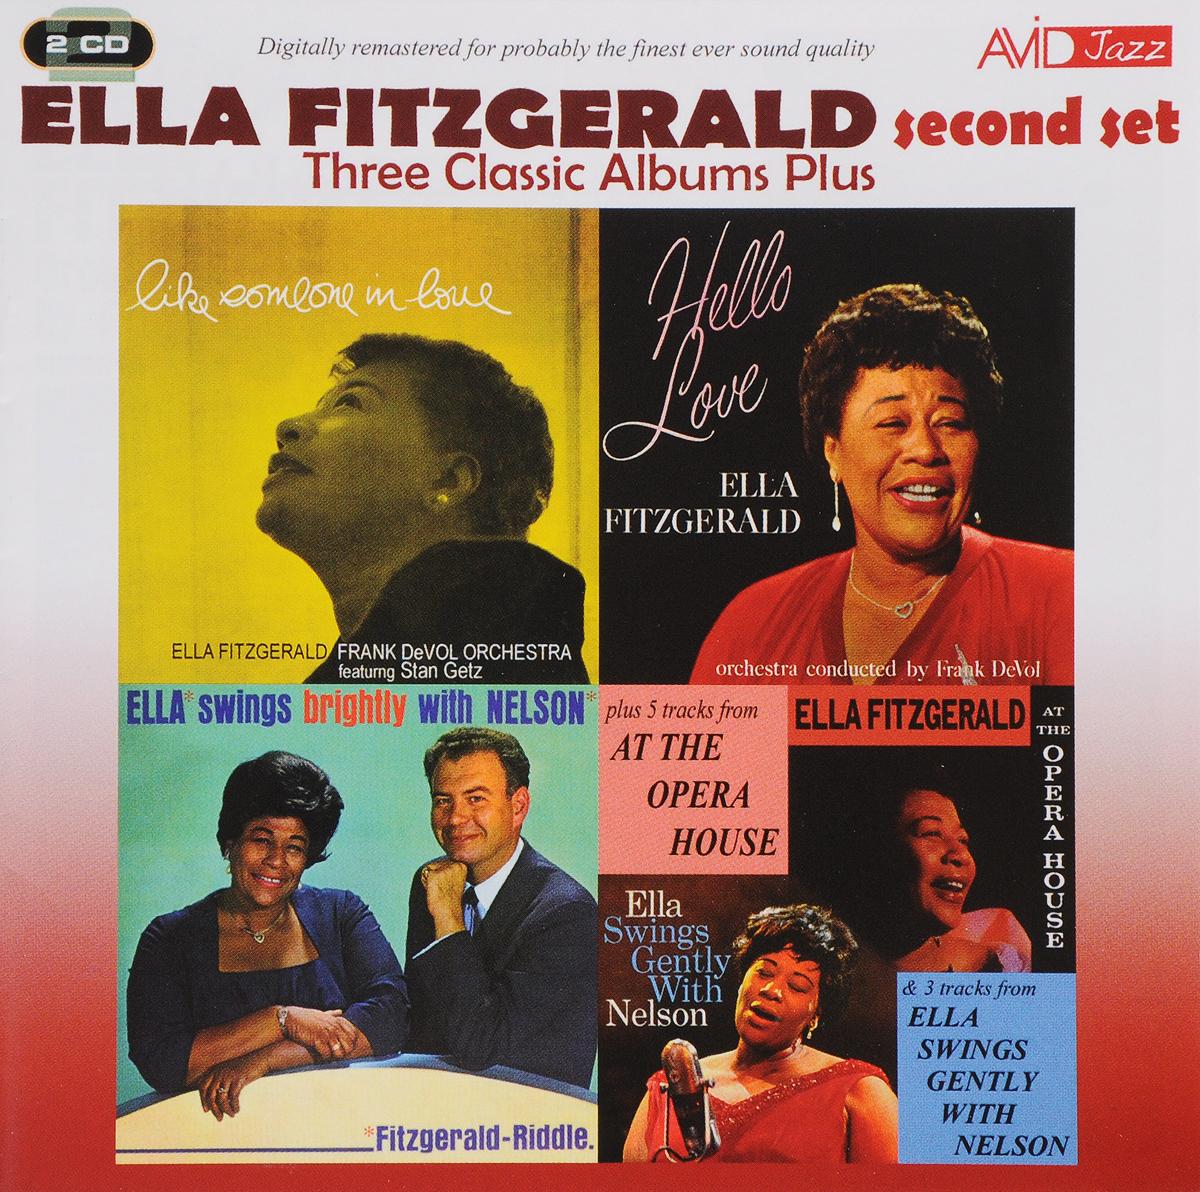 цена Элла Фитцжеральд Ella Fitzgerald. Three Classic Albums Plus (Second set) (2 CD) в интернет-магазинах